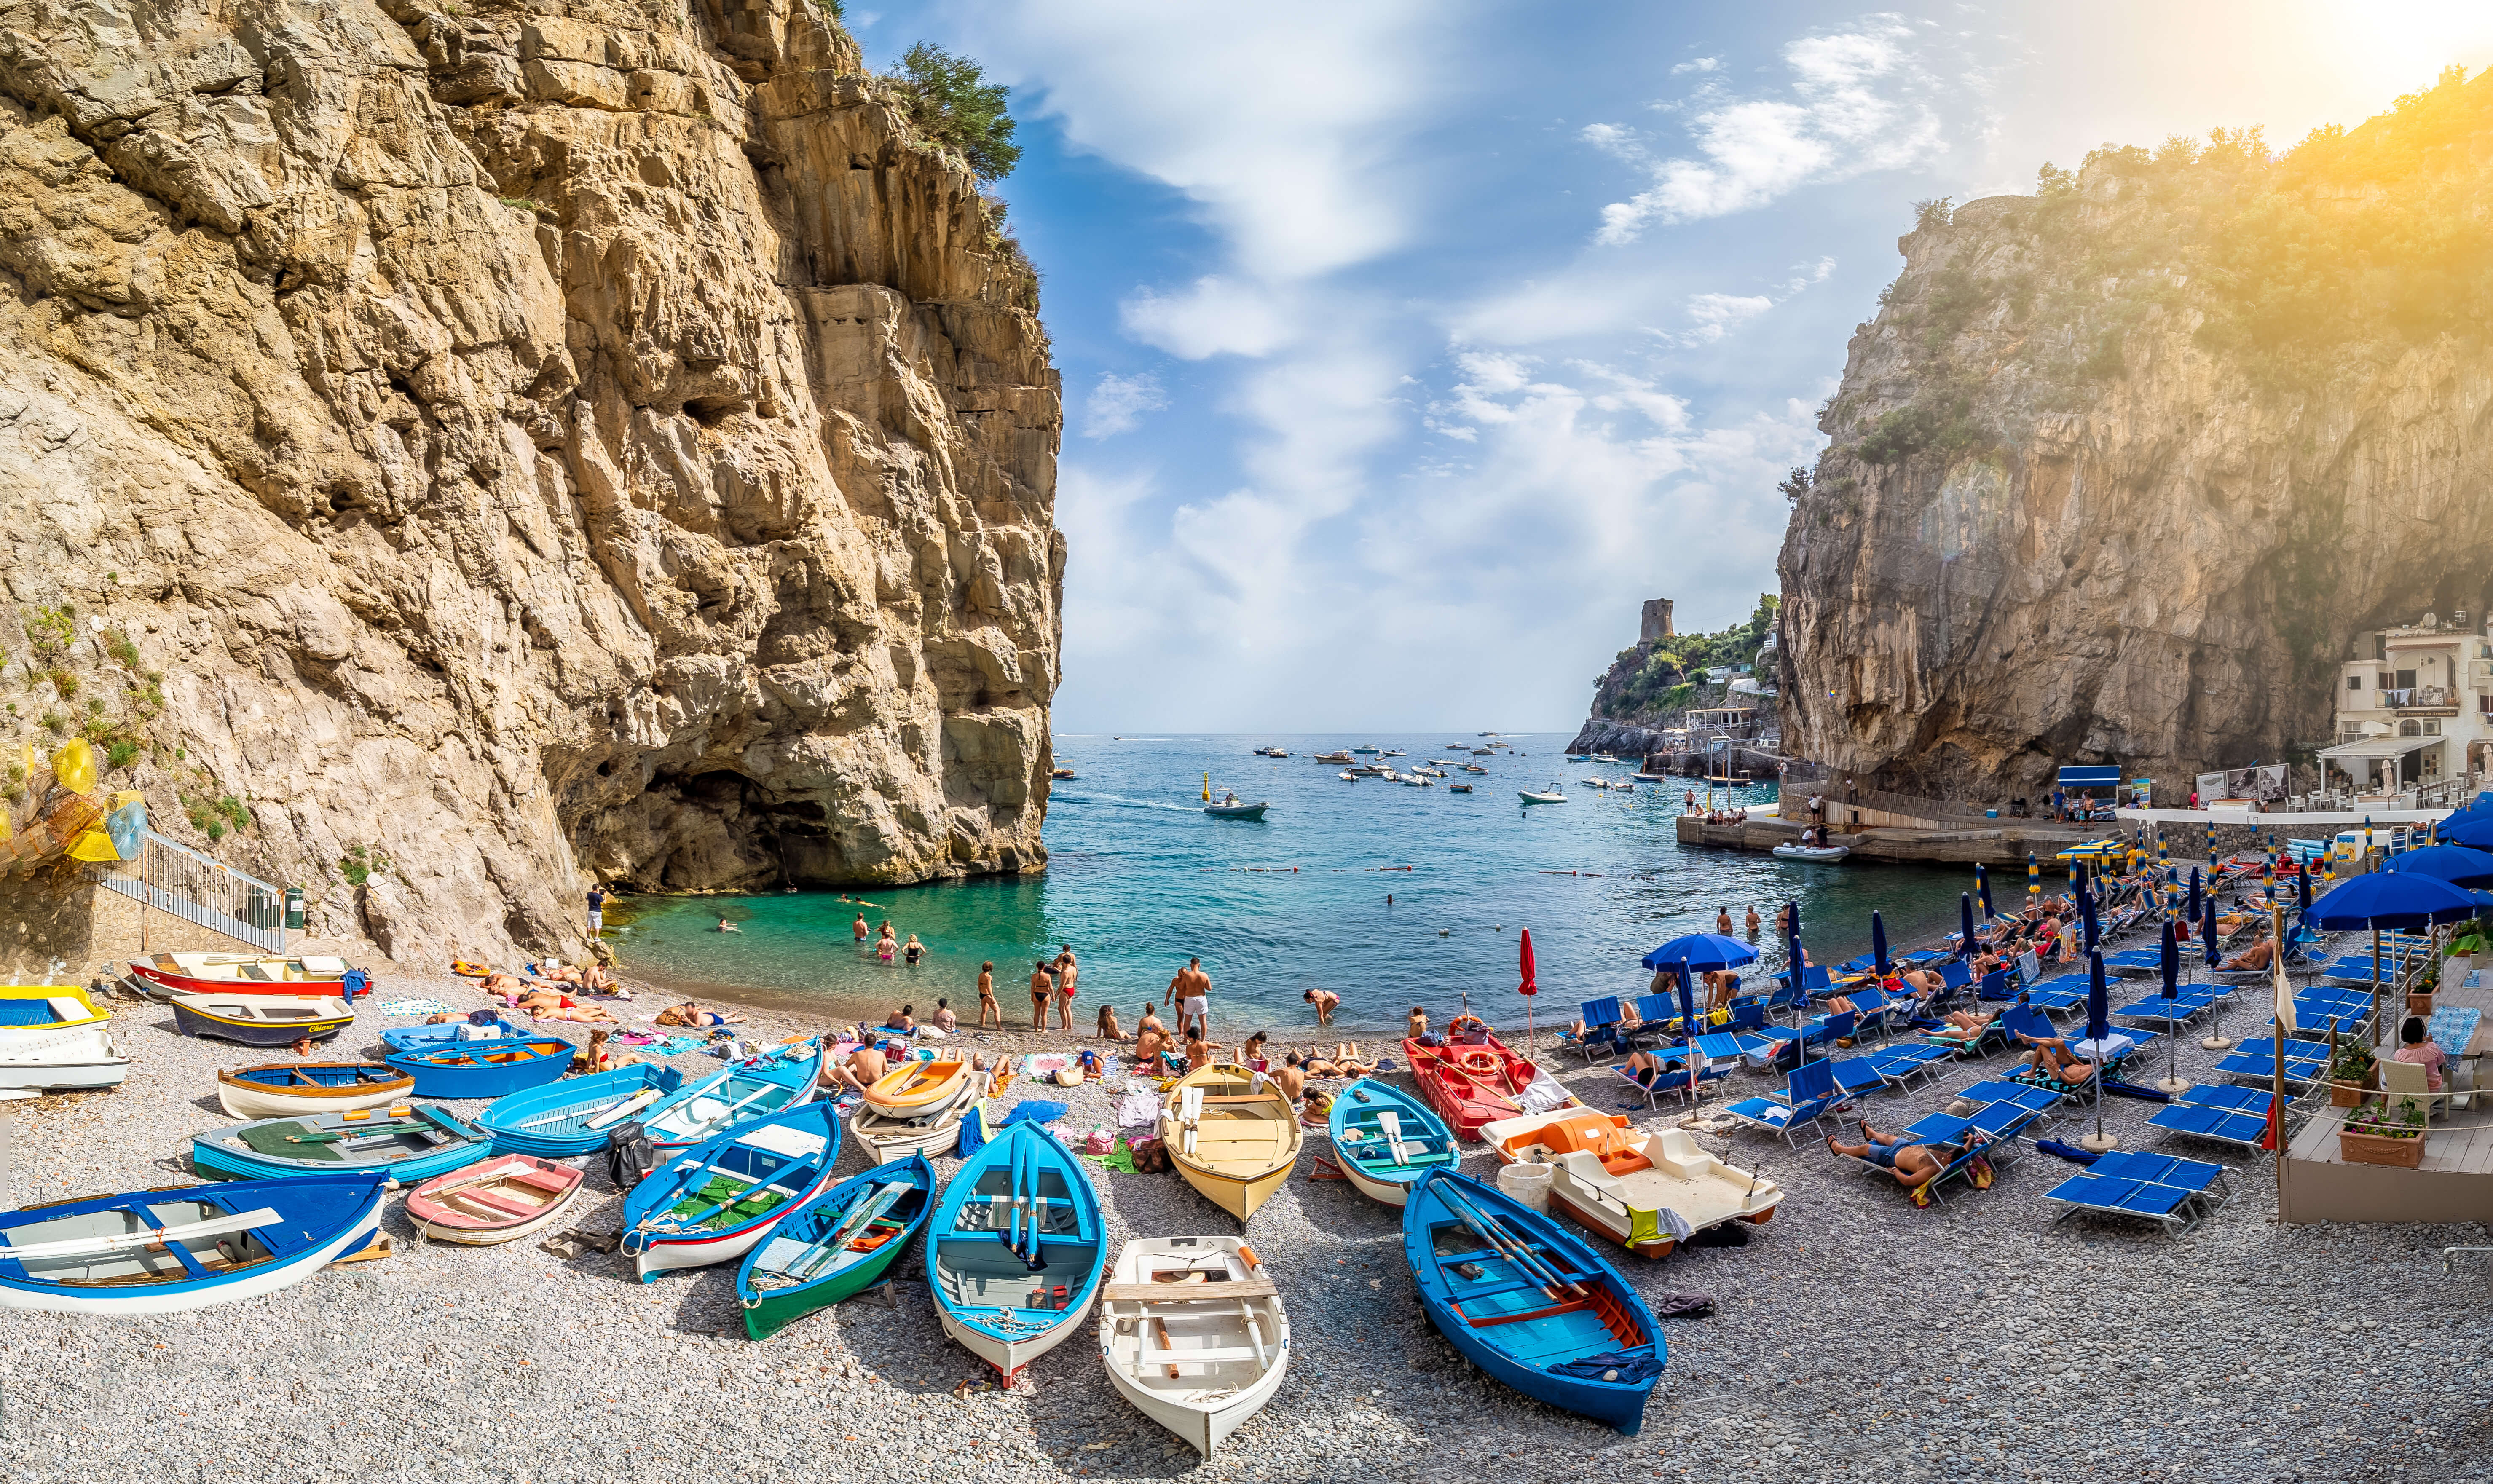 Amalfi, Italy - June 23, 2019: Landscape with amazing Marina di Praia beach  at famous amalfi coast, Italy